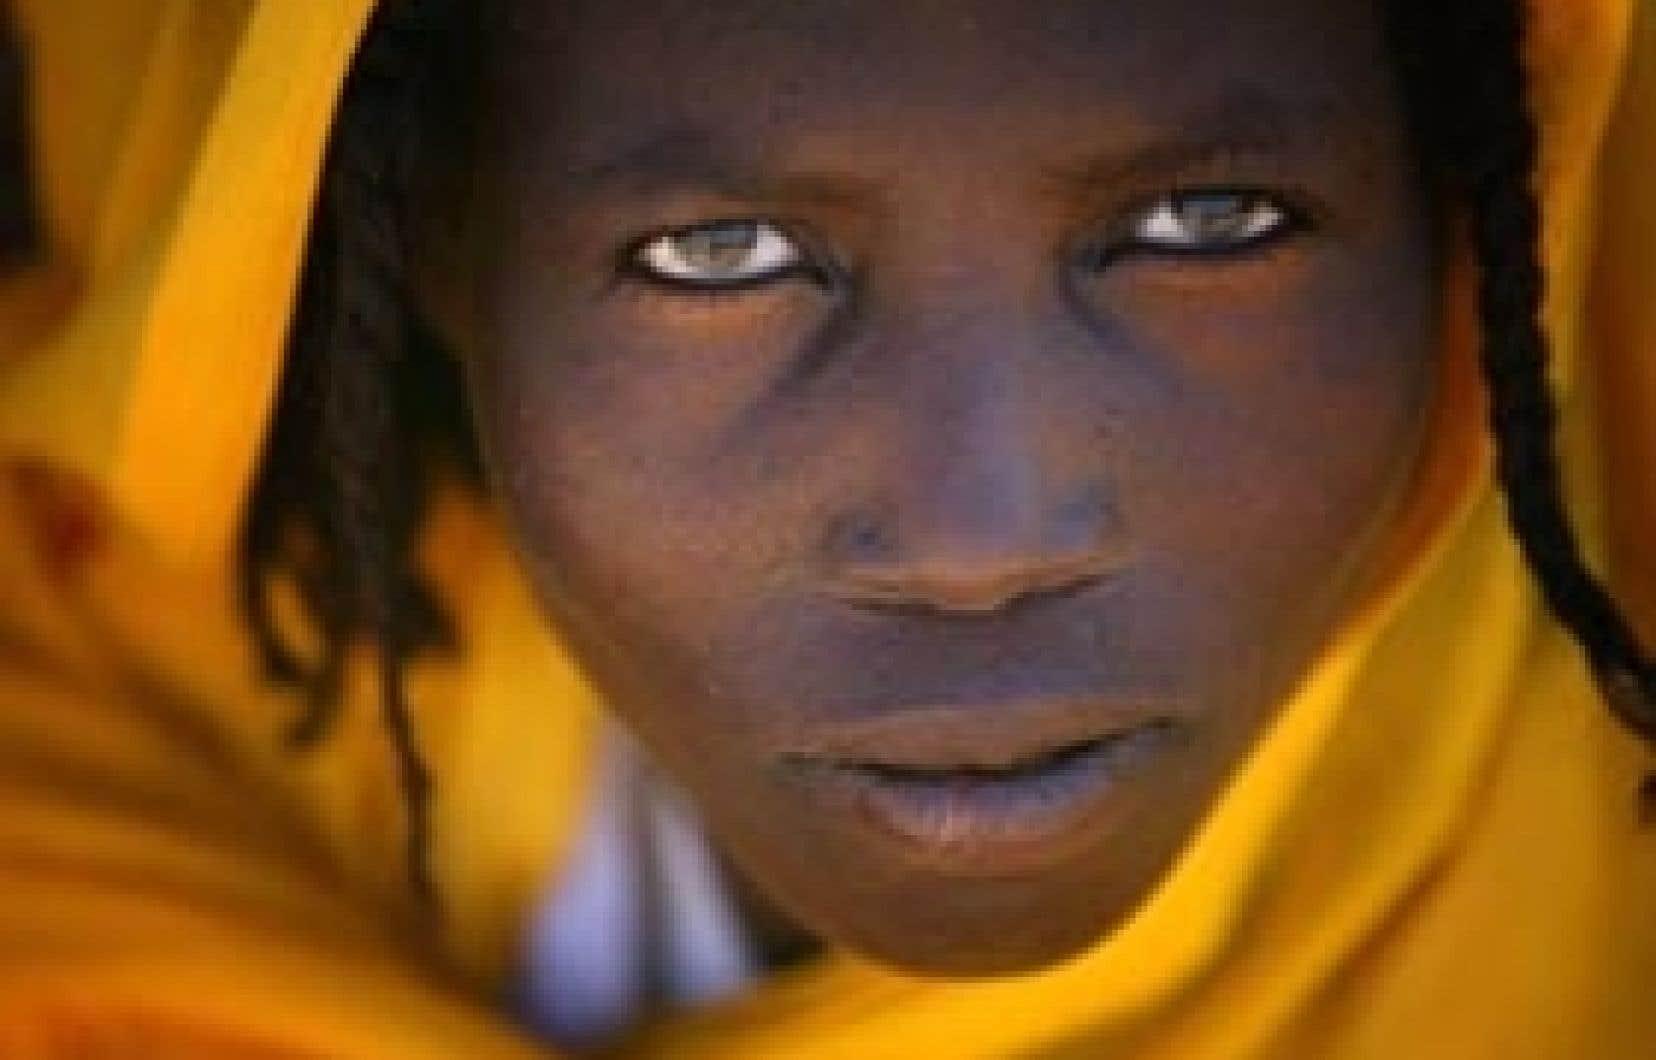 Le conflit au Darfour a déjà fait 300 000 morts et environ 2,5 millions de réfugiés, dont cette femme, Roda, 25 ans, battue plusieurs fois.